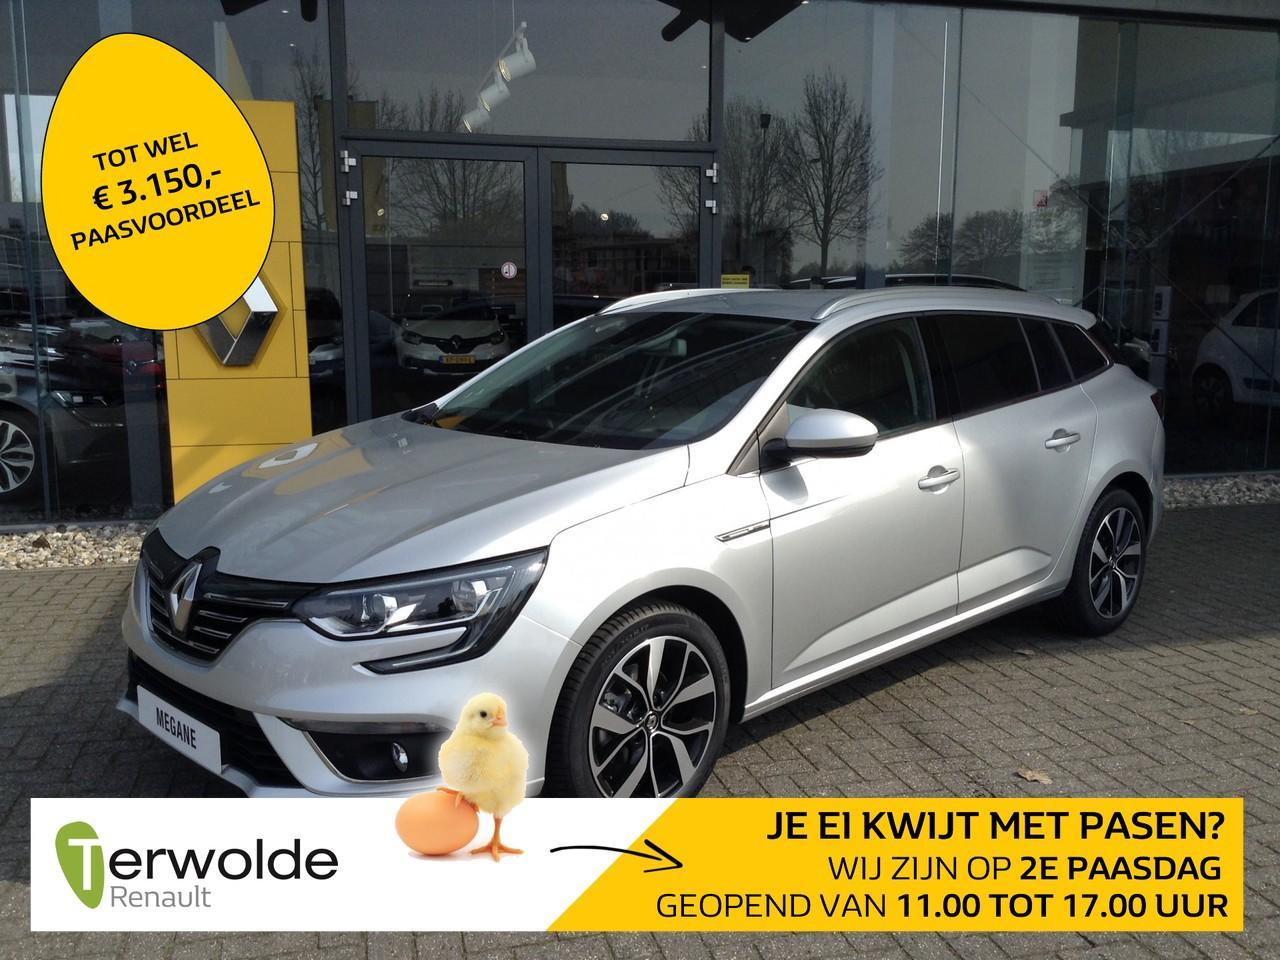 Renault Mégane Estate 1.3 tce bose nieuw en uit voorraad leverbaar! financieren tegen 3,9% rente ! eur 3.459,- korting!